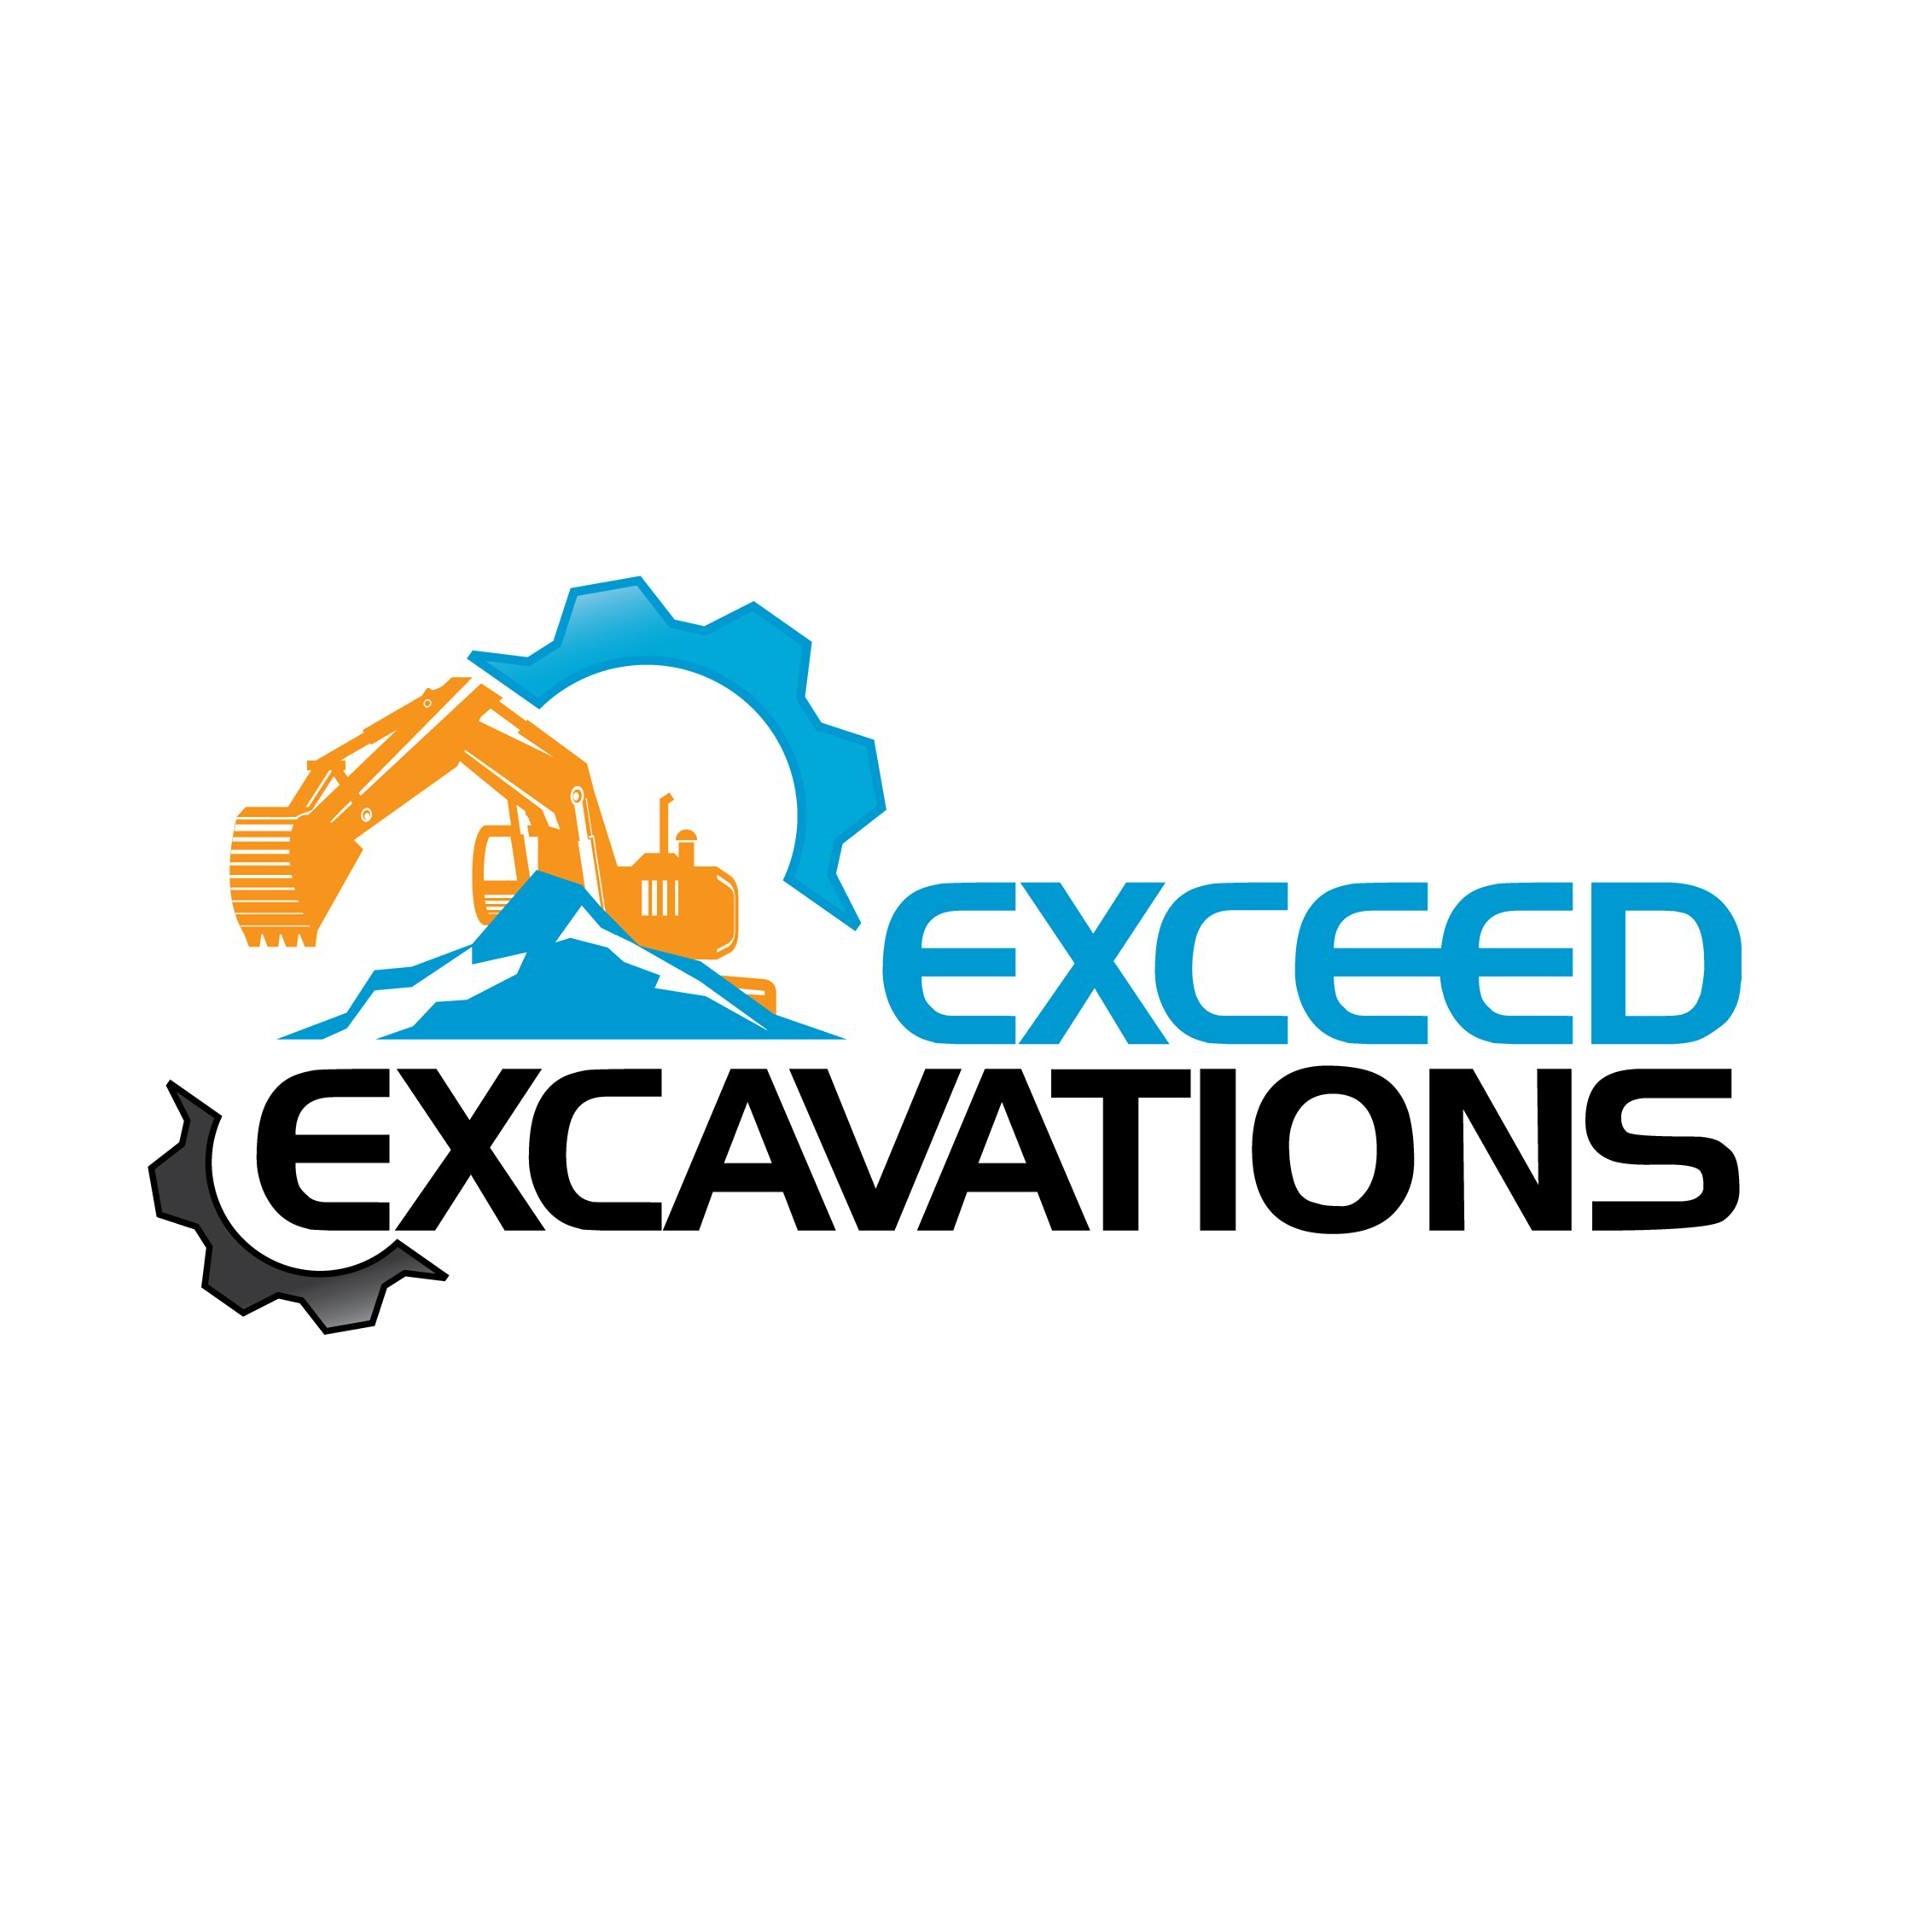 Exceed Excavations PTY LTD